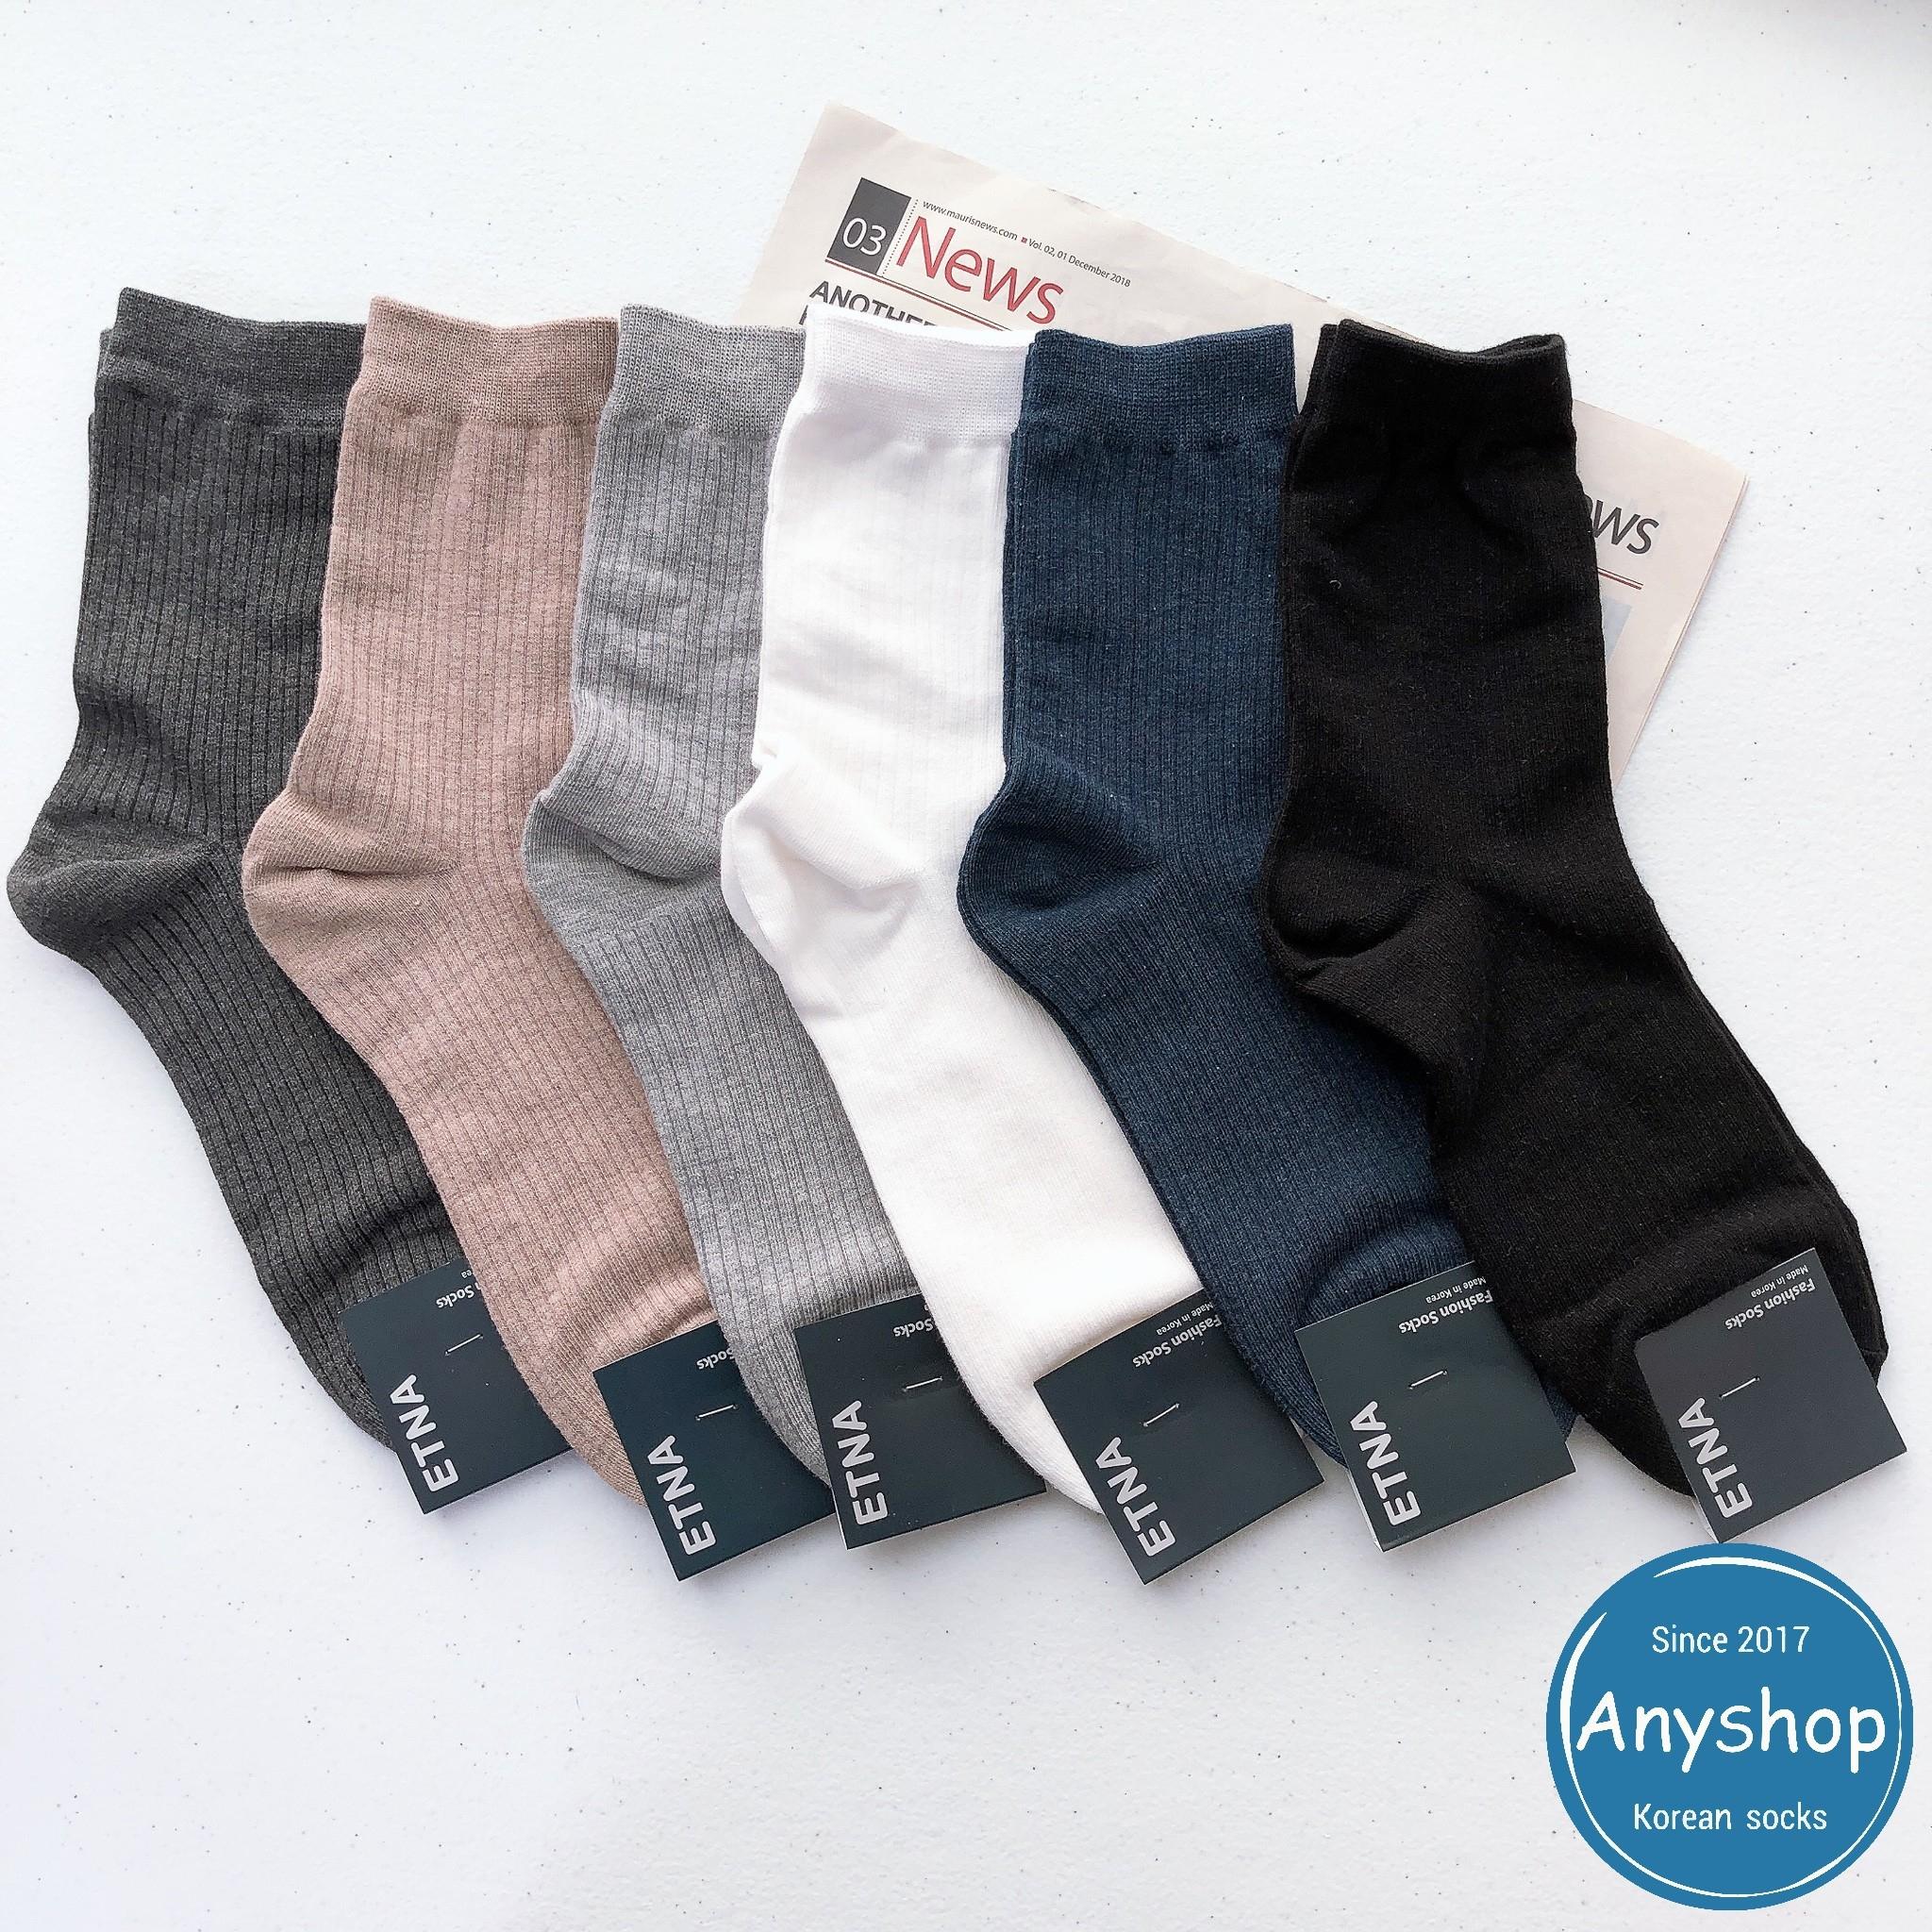 韓國襪-[Anyshop]ETNA男士素色長襪